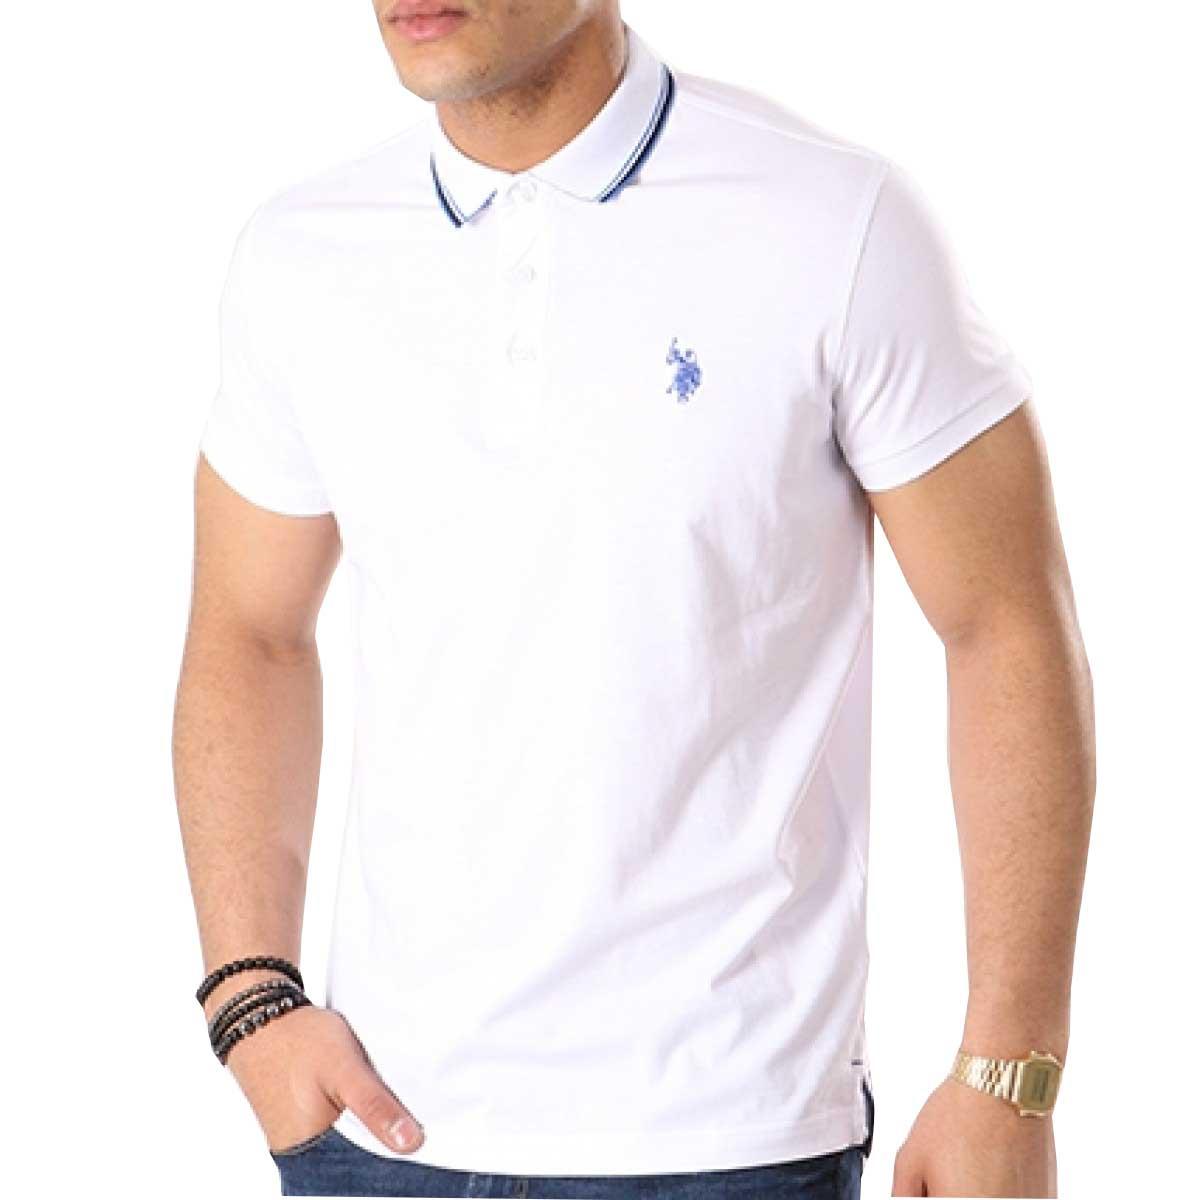 92a11e85ef8b -20% T-shirt Double Horse Polo U.S. Polo Assn. 45174-50313 - λευκό Ανδρικά